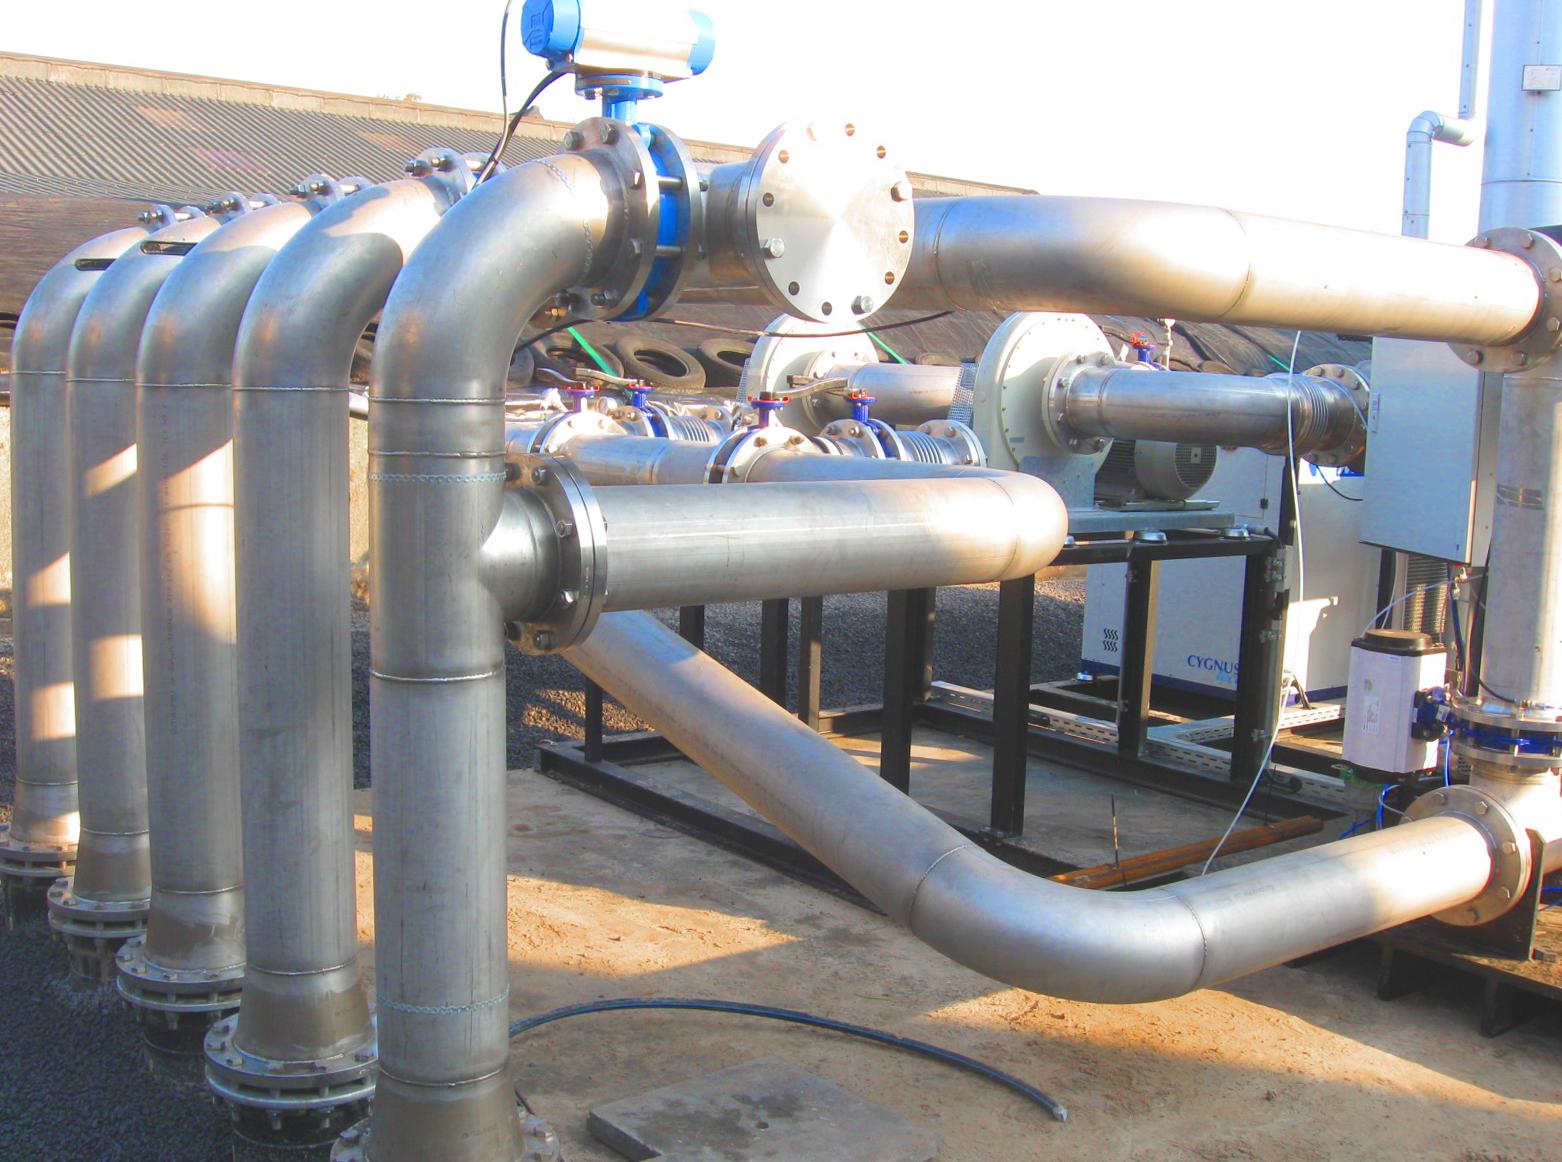 08 Planta de Biogás de 2 MW en Moerstraten Países Bajos - Colector gas